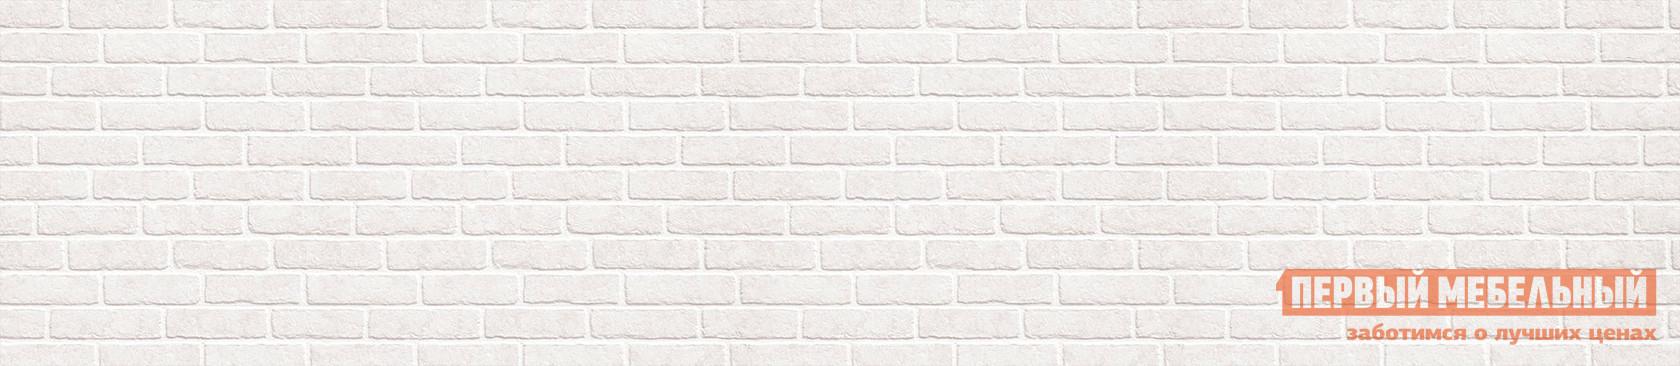 Стеновая панель Первый Мебельный Стеновая панель FM-036 длина 280 см, глянец plusobject стеновая панель silver fog